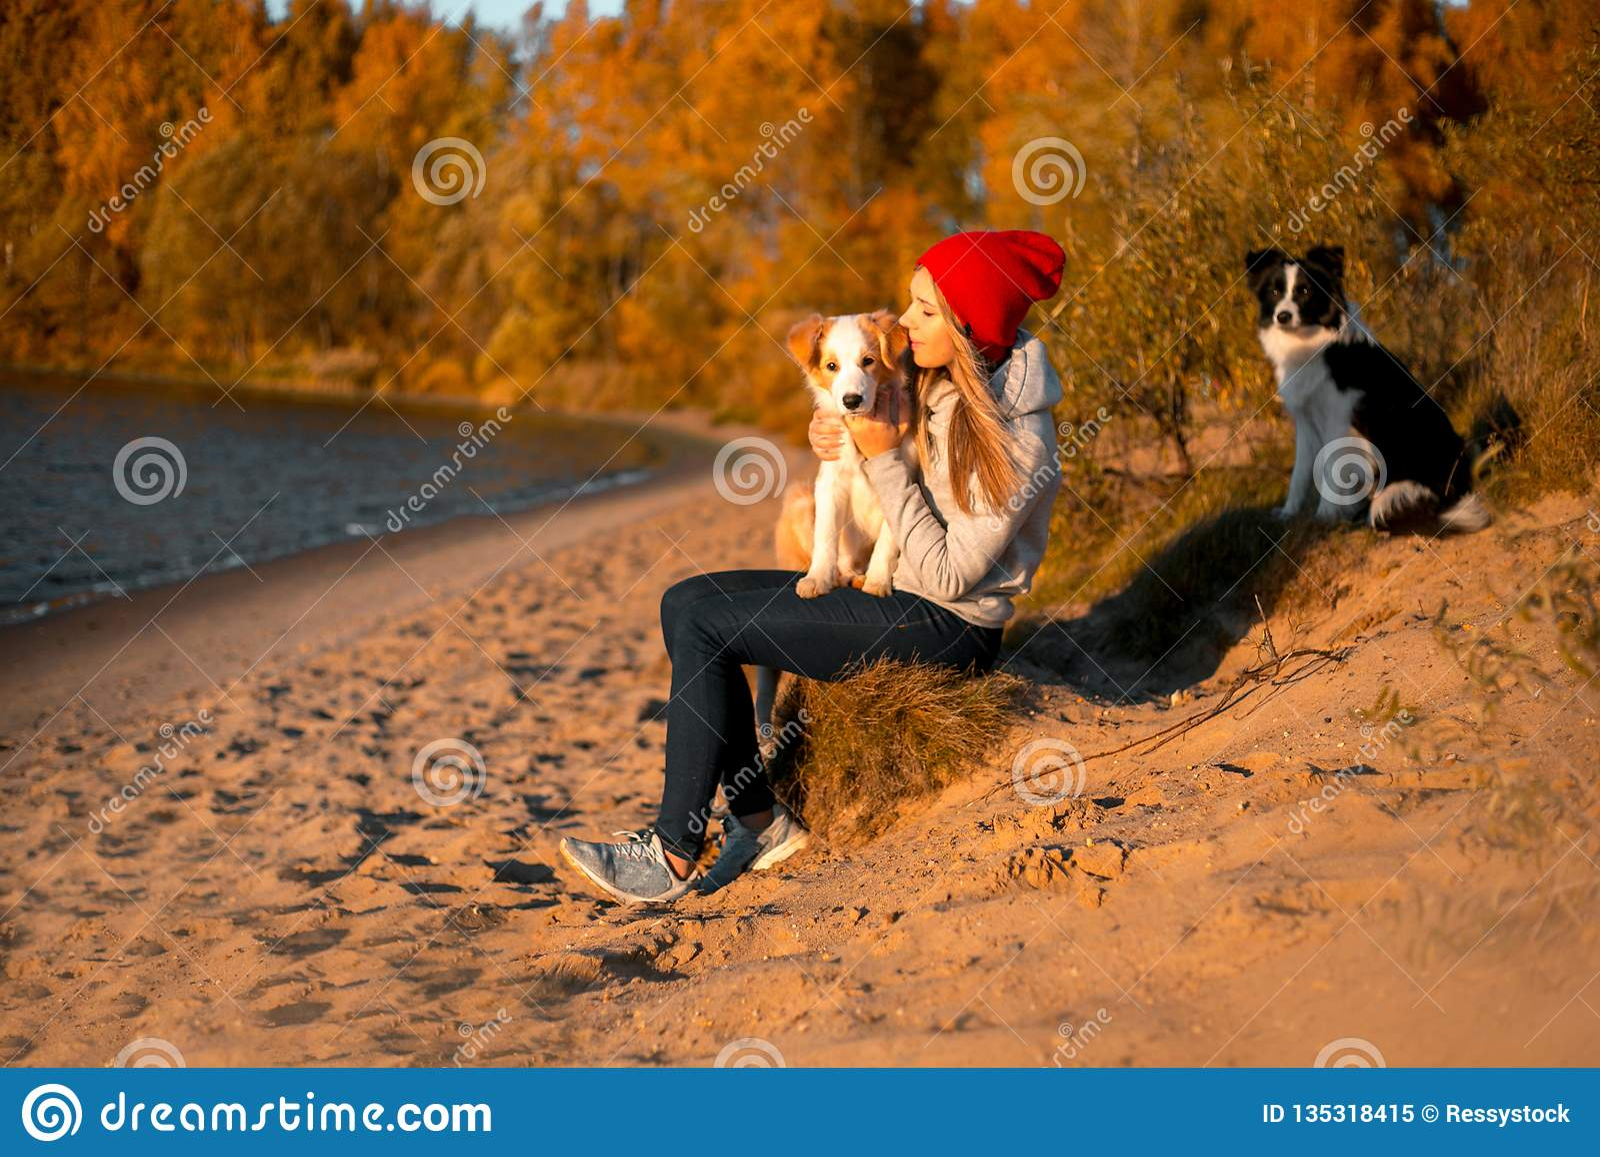 Портрет счастливой девушки со смешной собакой Коллиы границы 2 на пляже на взморье лес осени желтый на предпосылке